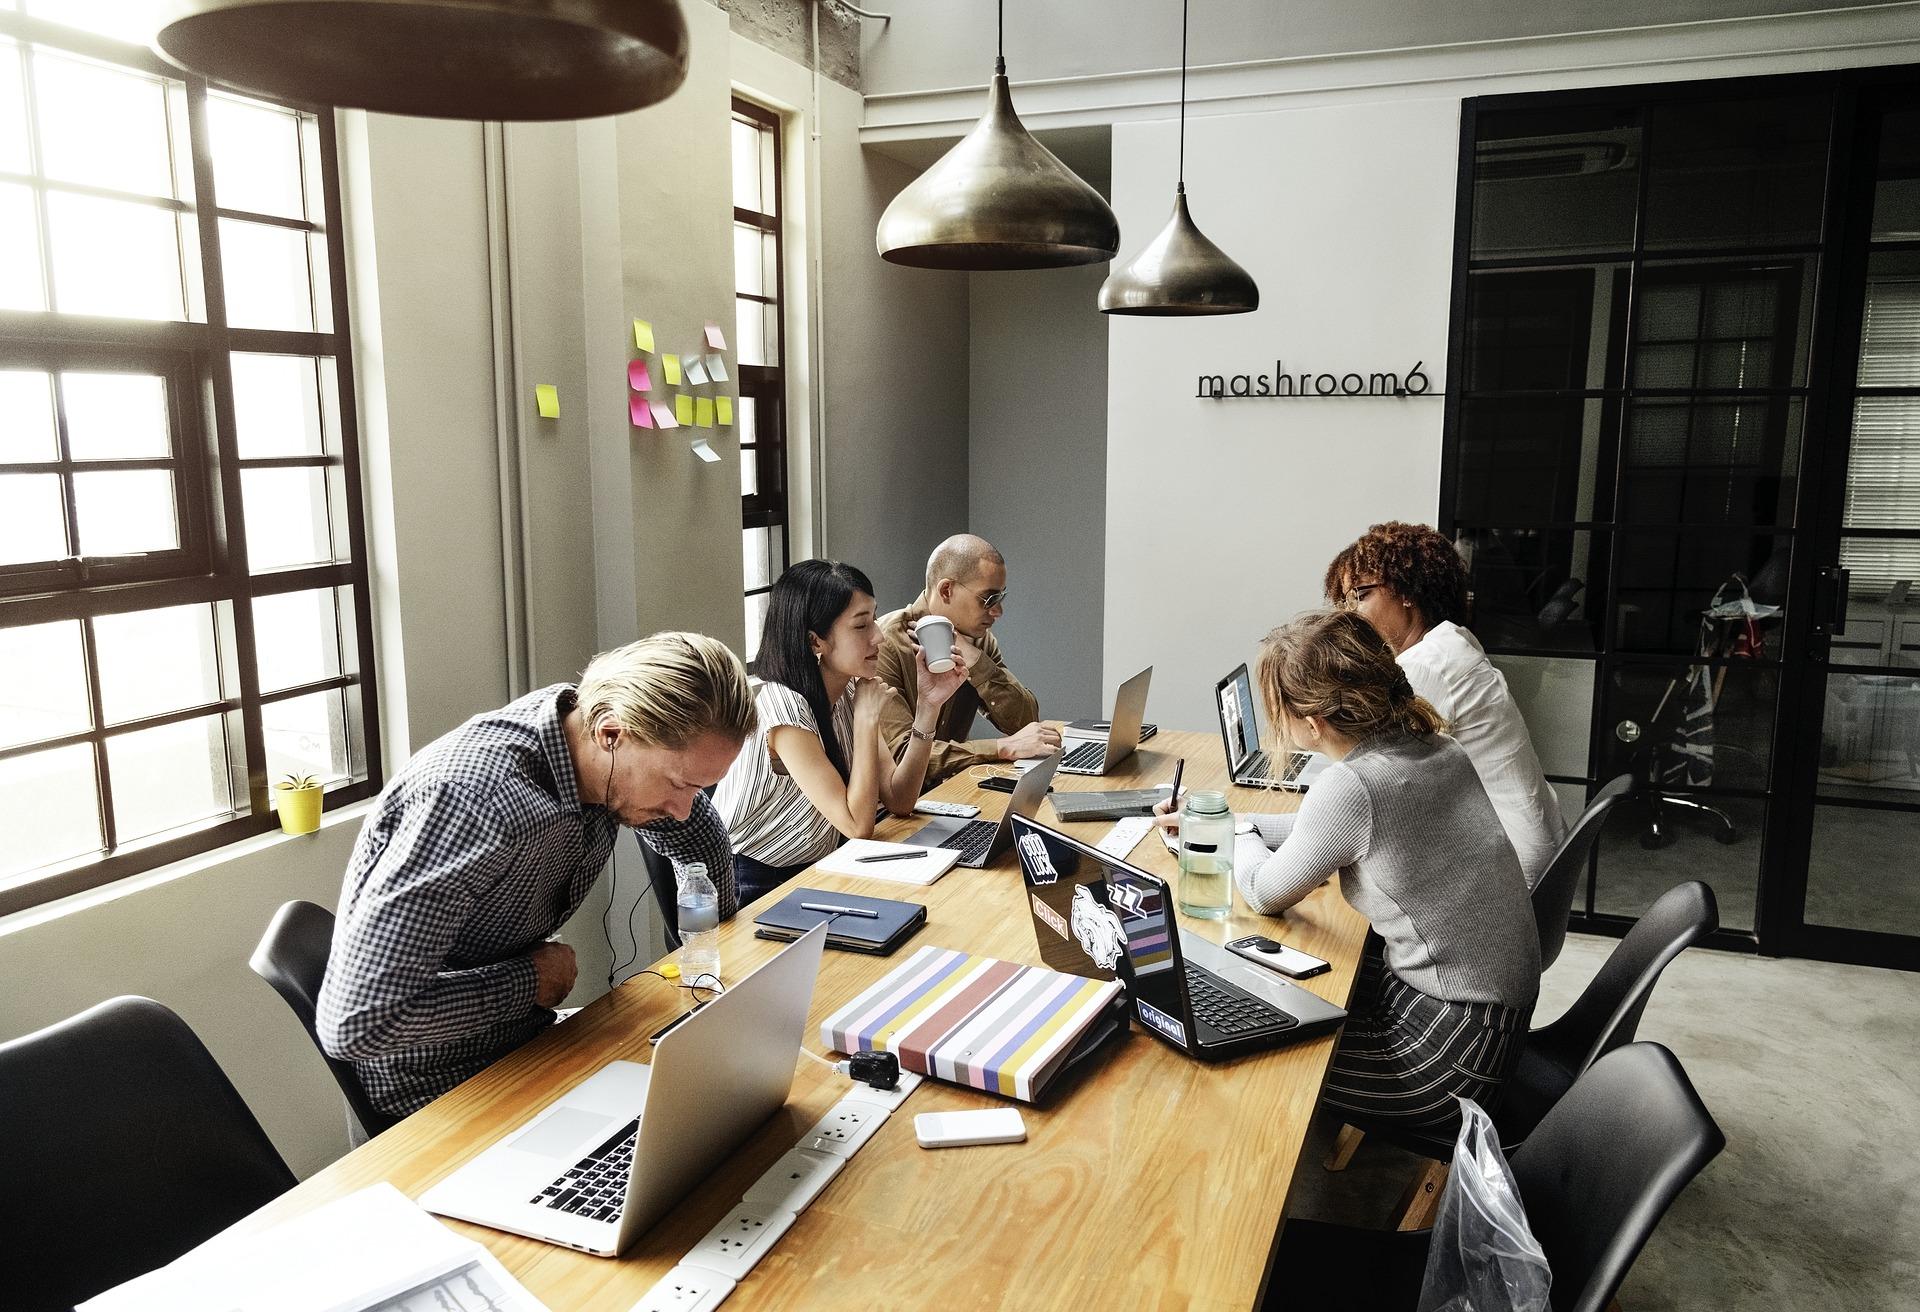 Les femmes chefs d'entreprise s'en sortent mieux que les hommes avec l'administratif